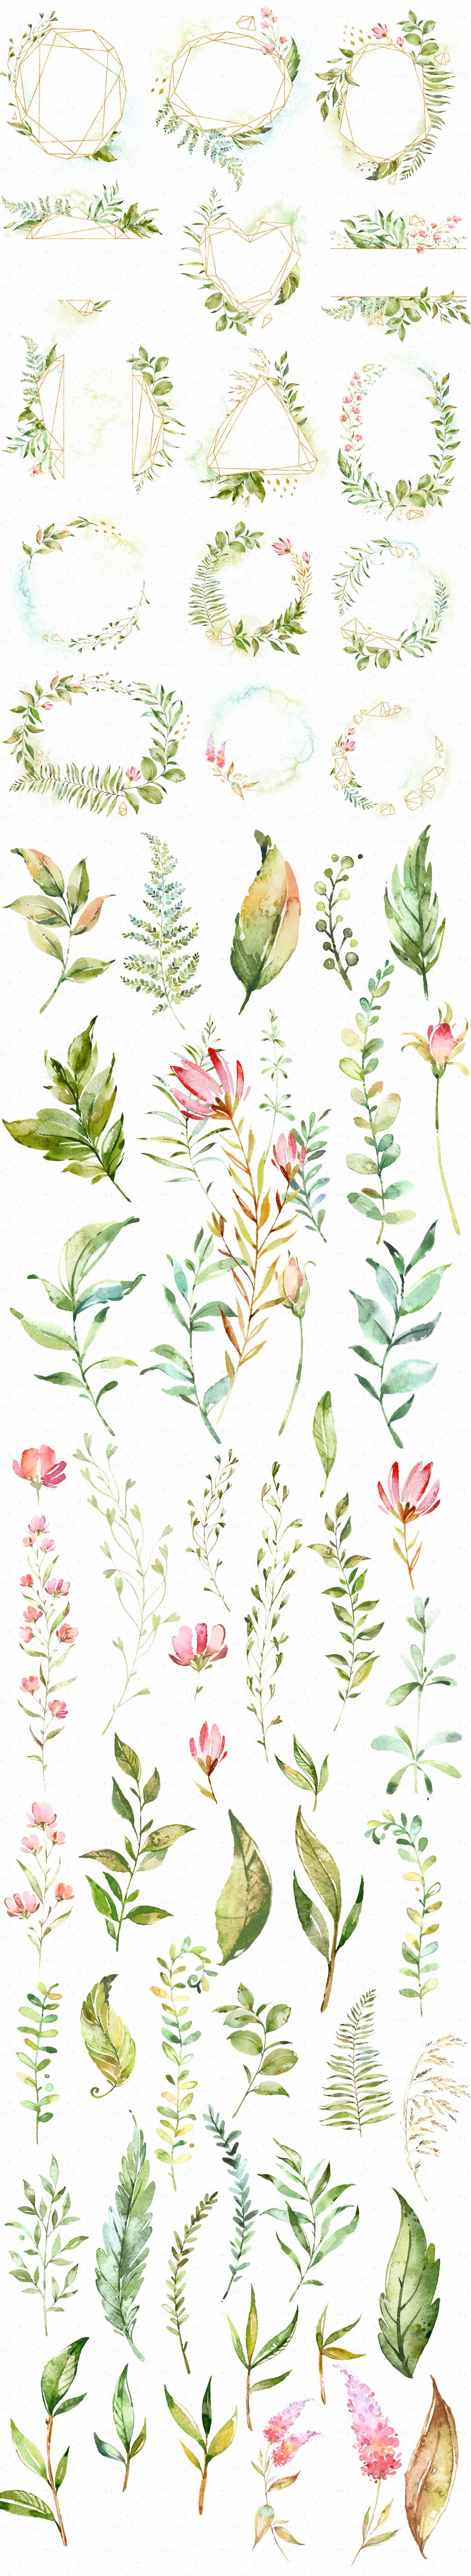 清新手绘水彩叶子绿色植物png素材